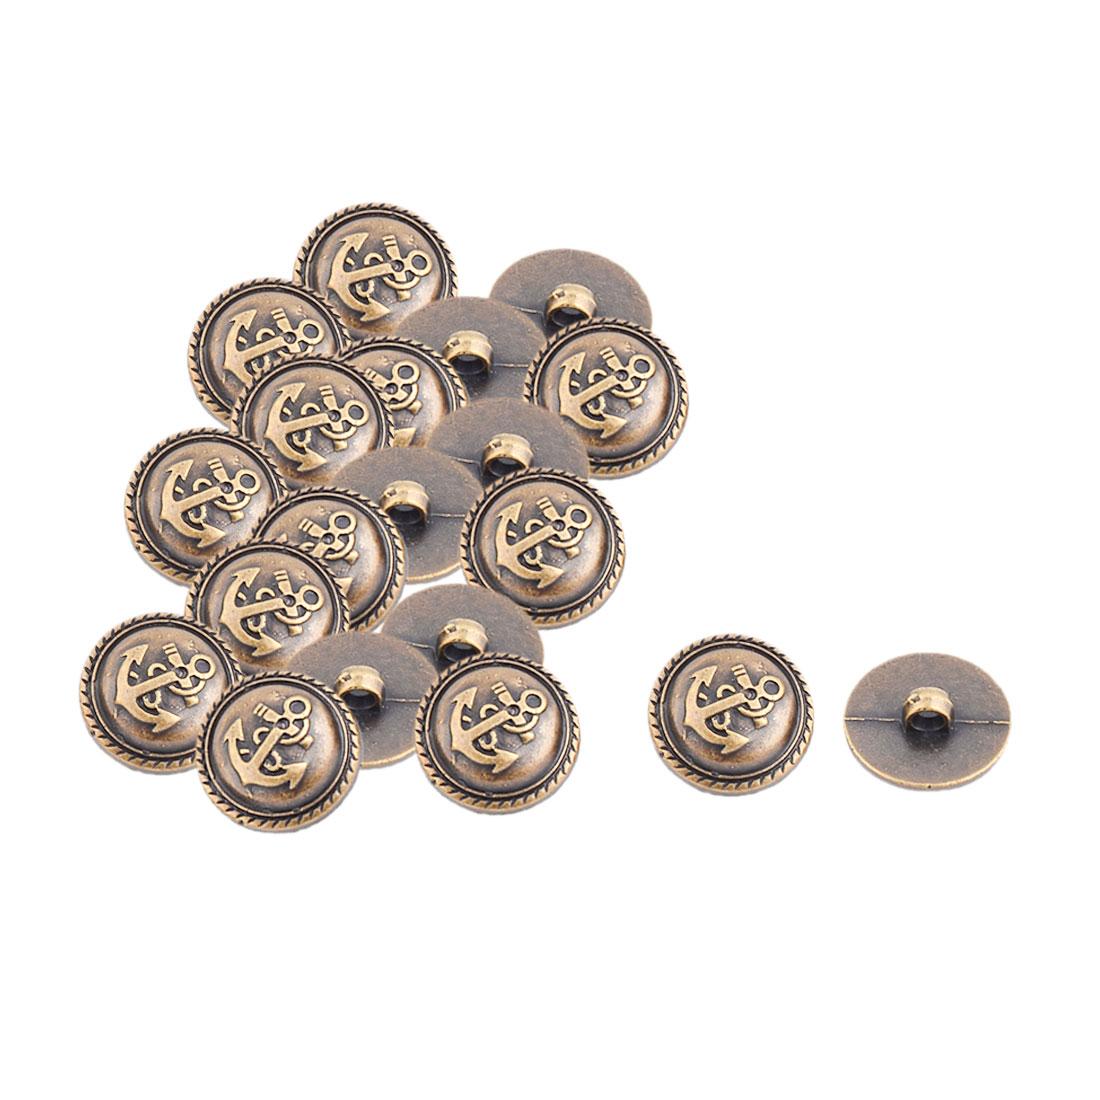 Home Plastic Craft DIY Decor Clothes Dress Jeans Buttons Bronze Tone 20 Pcs